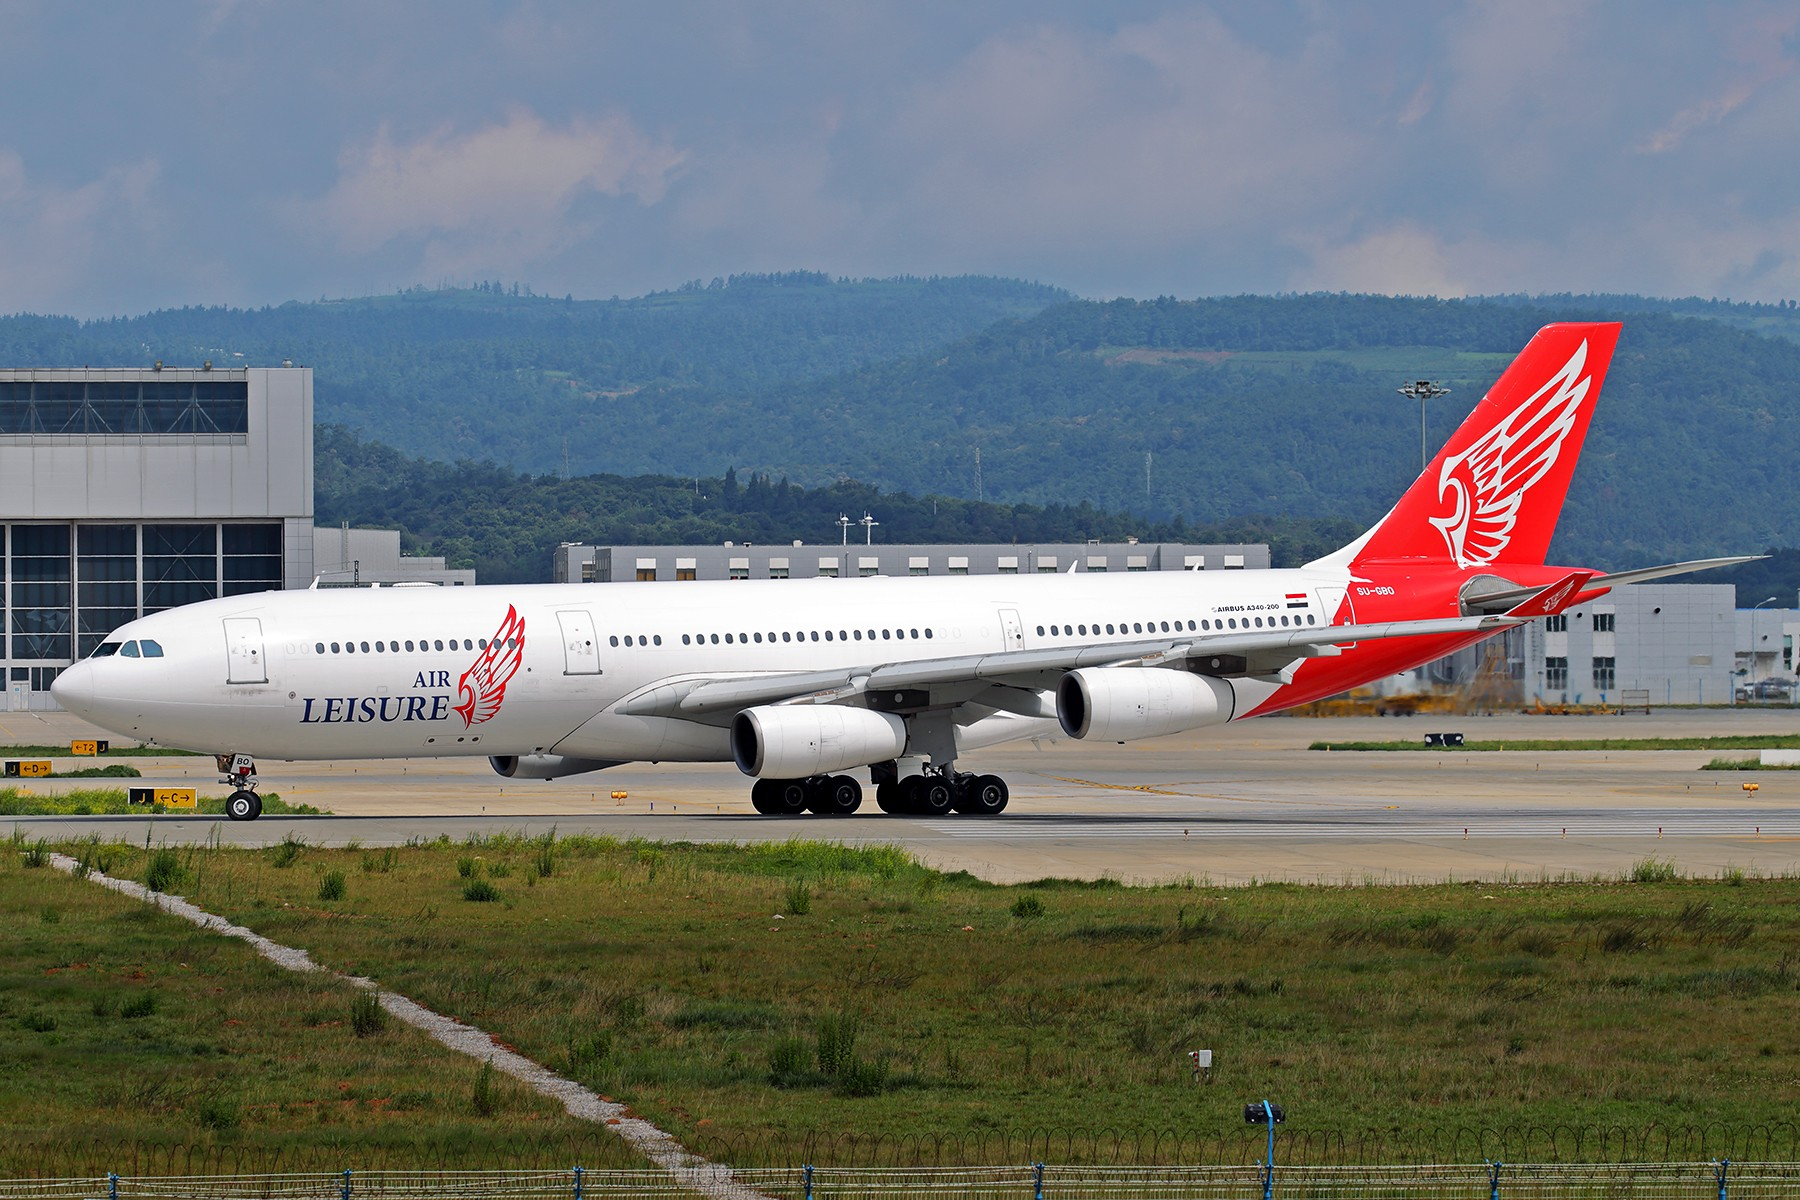 【BLDDQ】******大昆明、大长水----唯独不发土鸡***** AIRBUS A340-200 SU-GBO 中国昆明长水国际机场